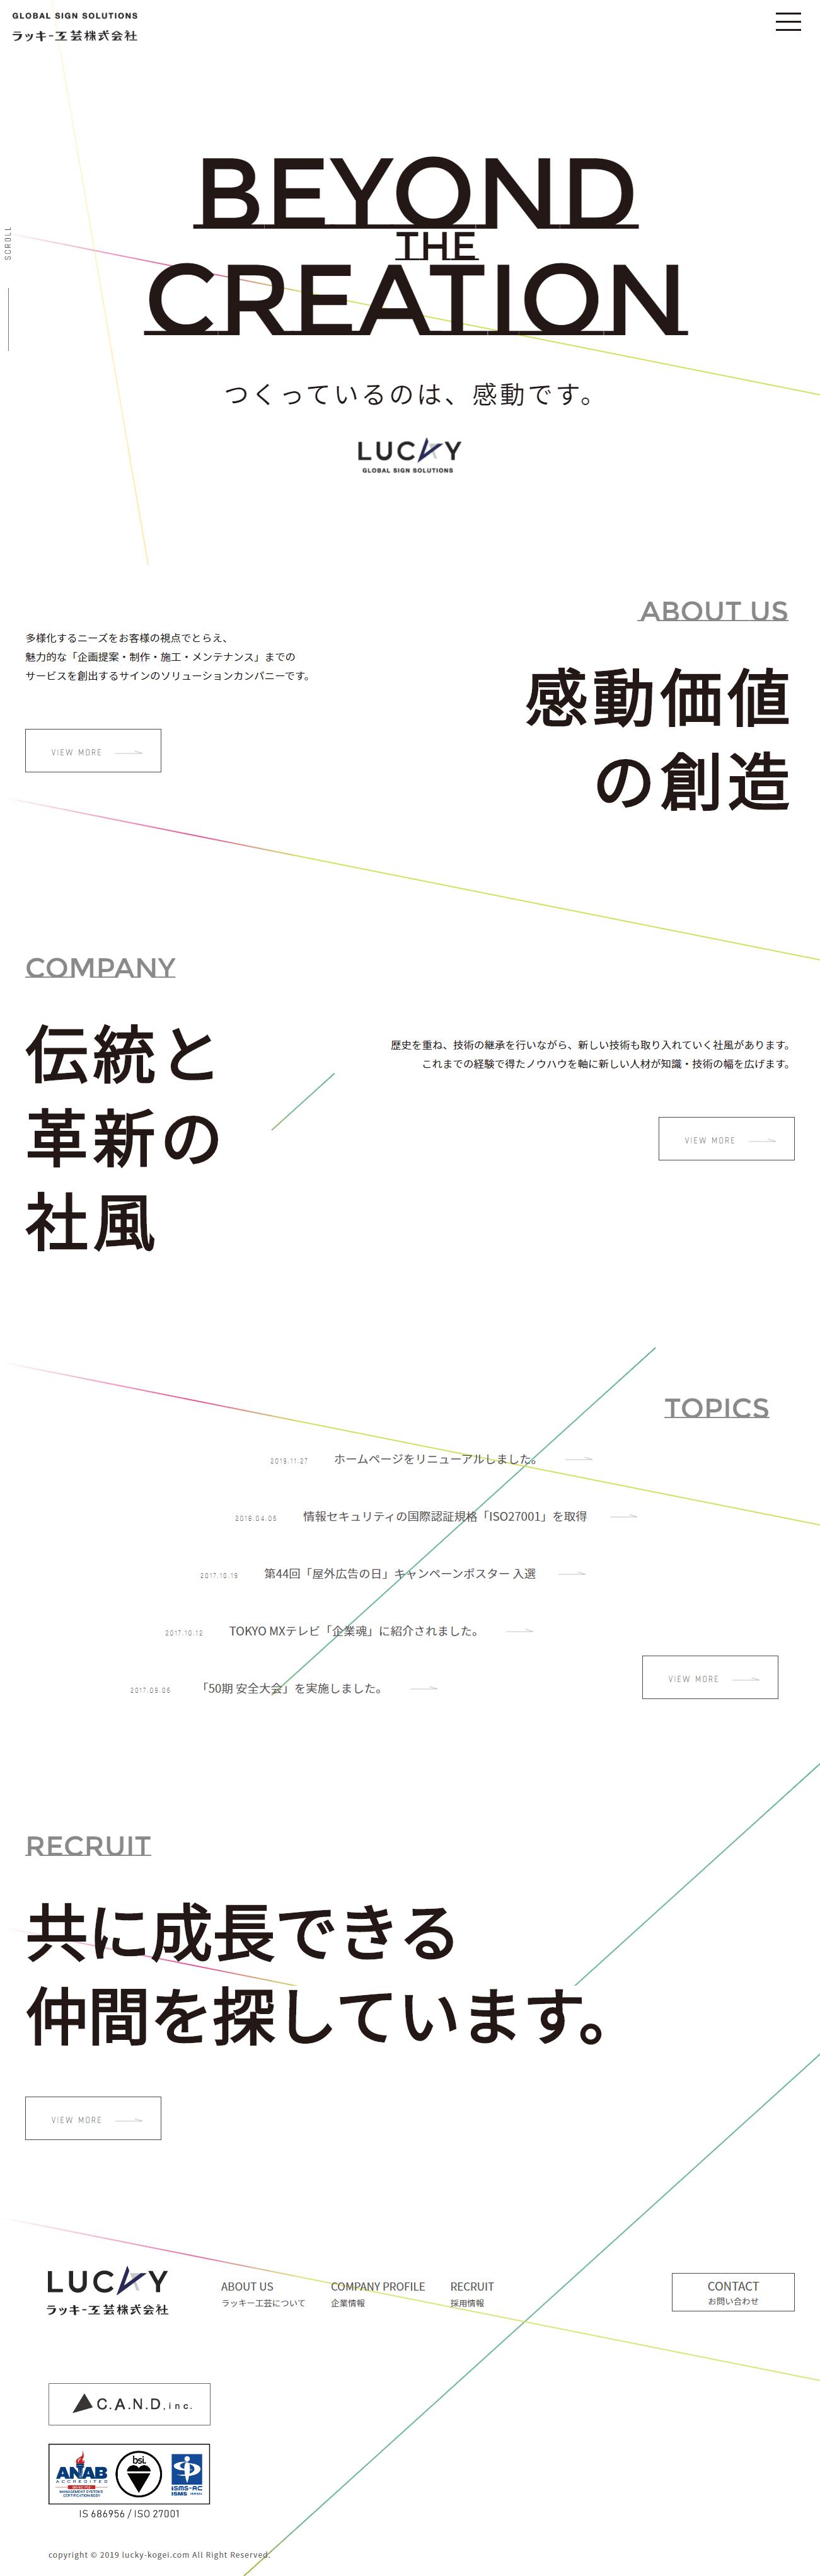 姫路市 ラッキー工芸株式会社 ホームページ制作1